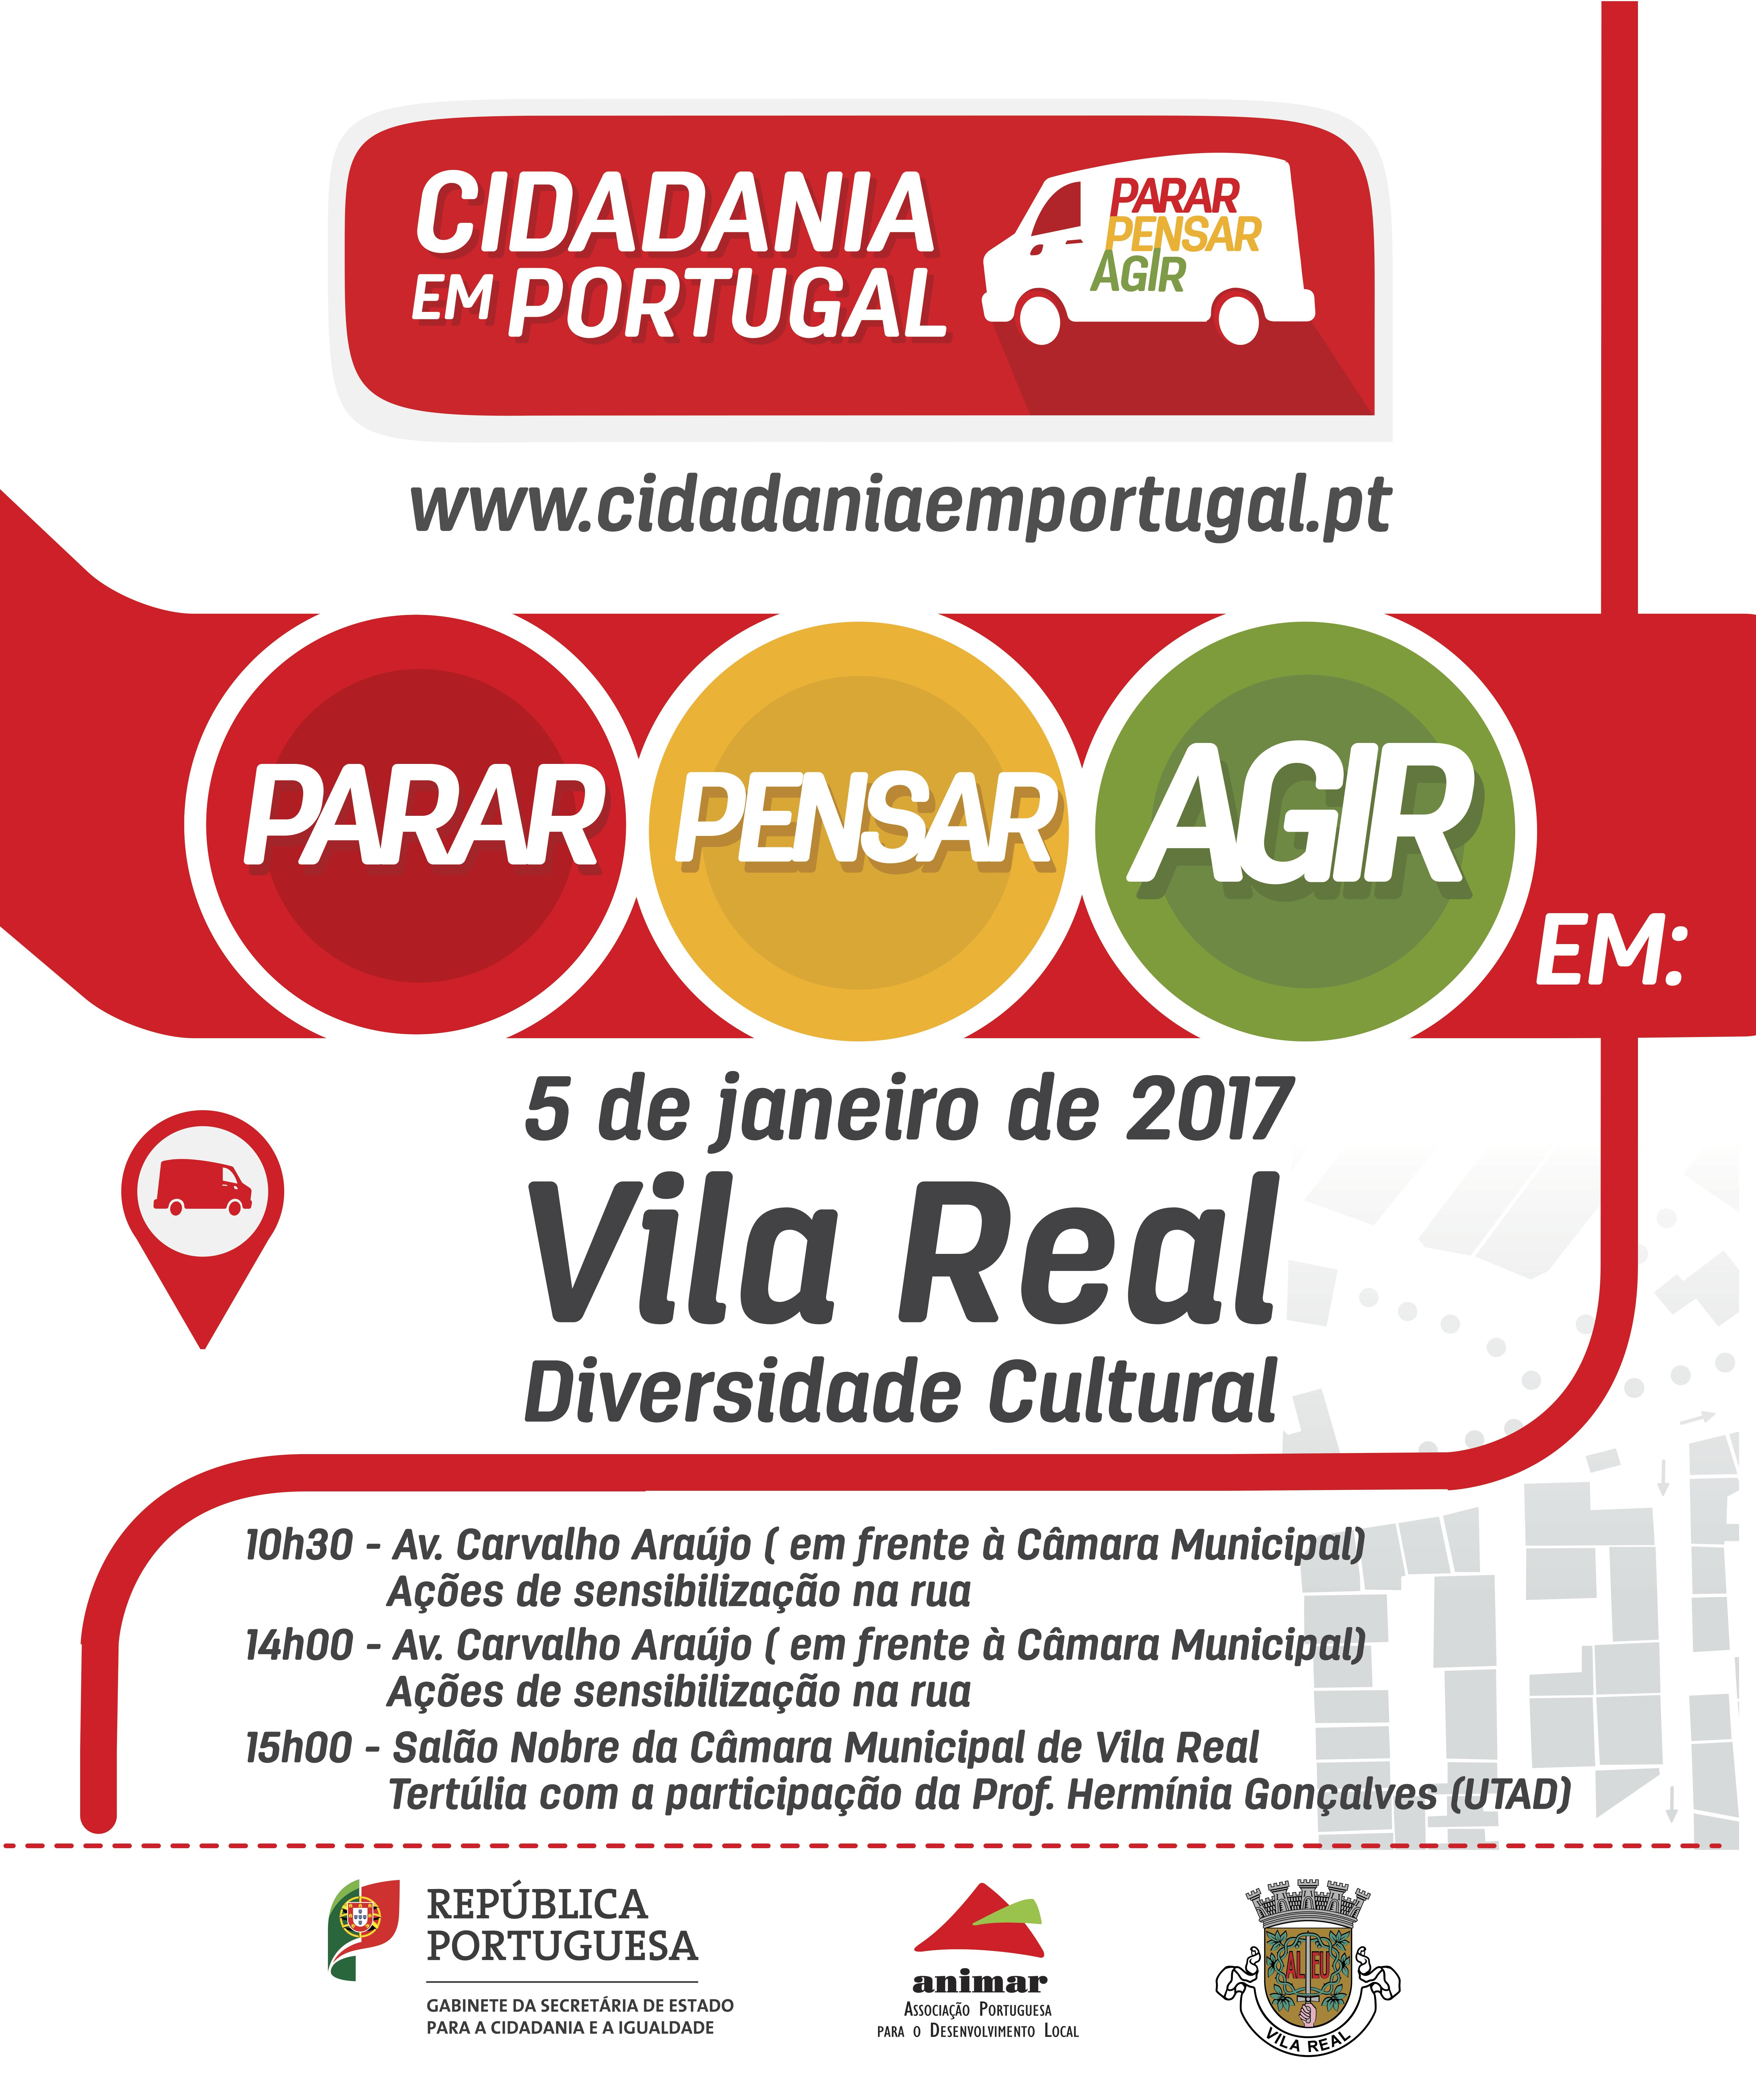 Vila real cidadania em portugal for Horario piscina vila real